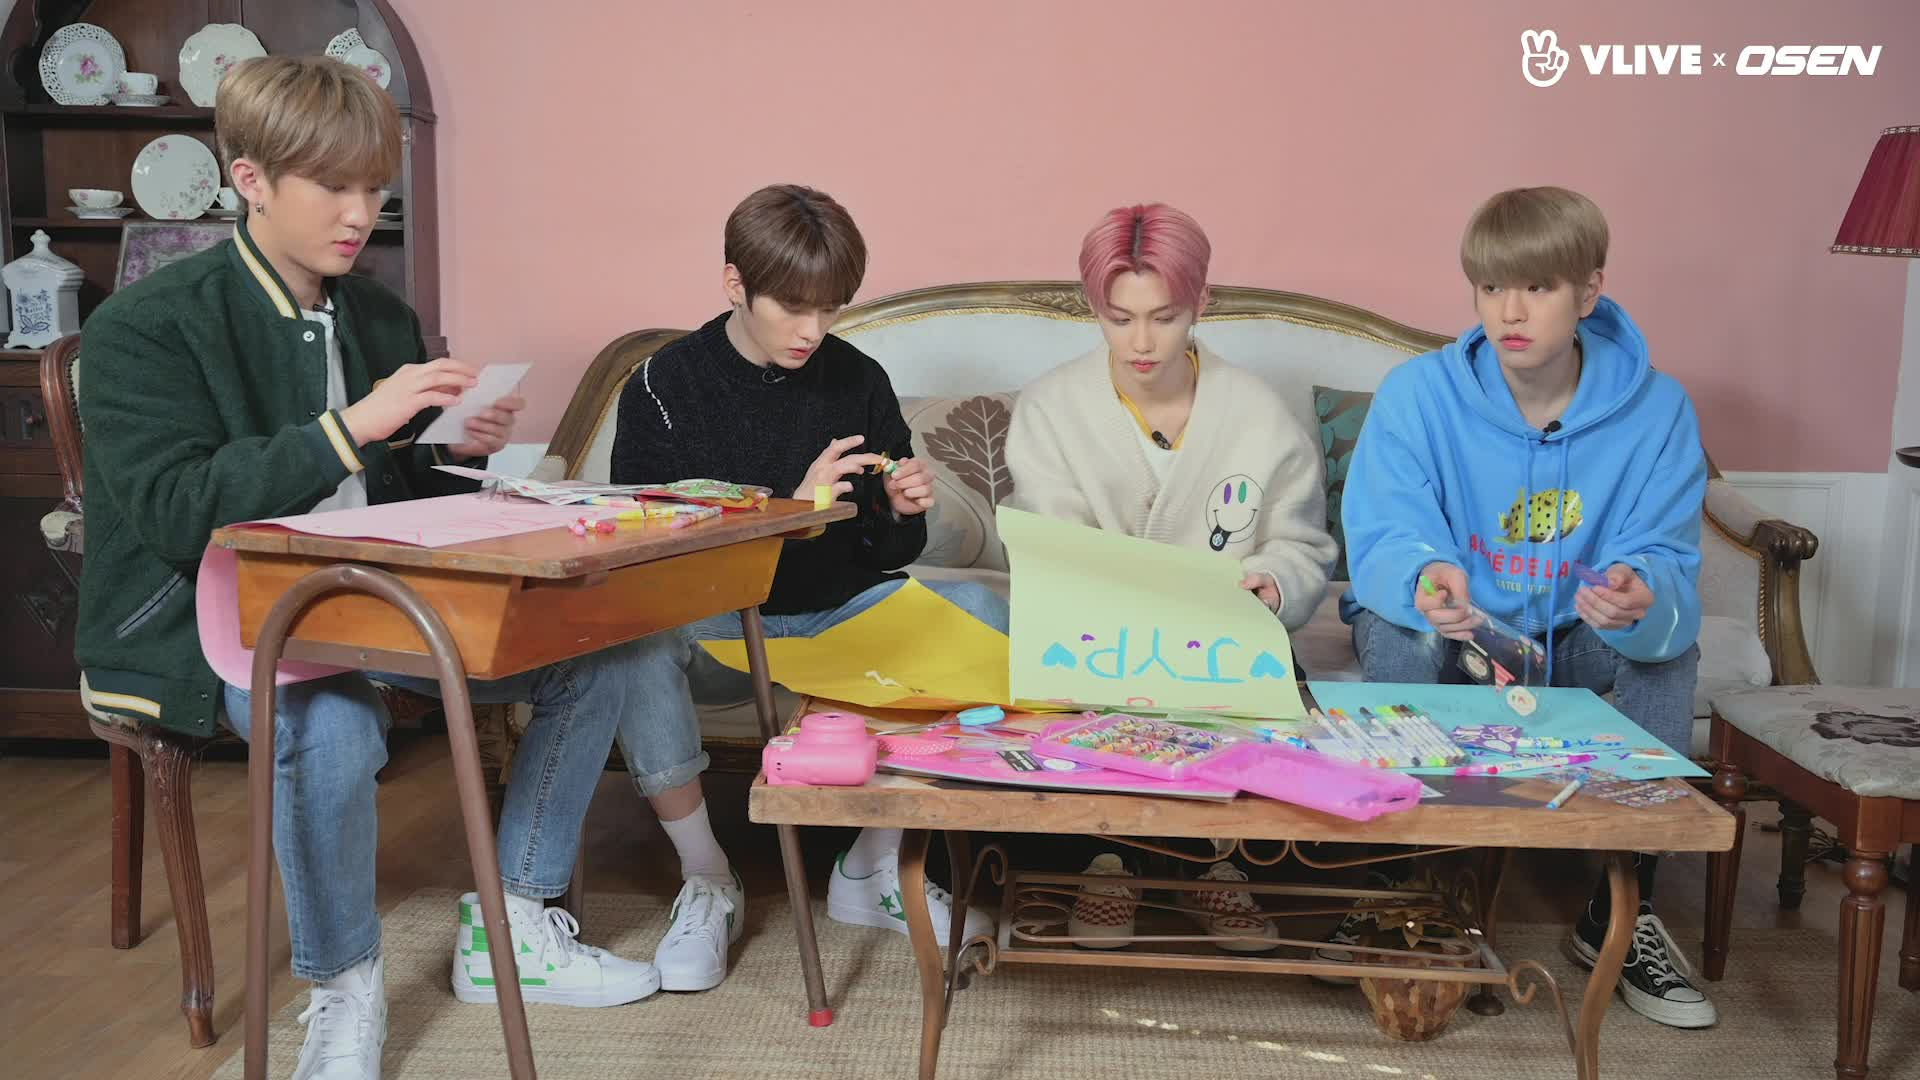 Stray Kids 스트레이키즈, 신년맞이 편지 쓰기..누구에게? #스타로드 05